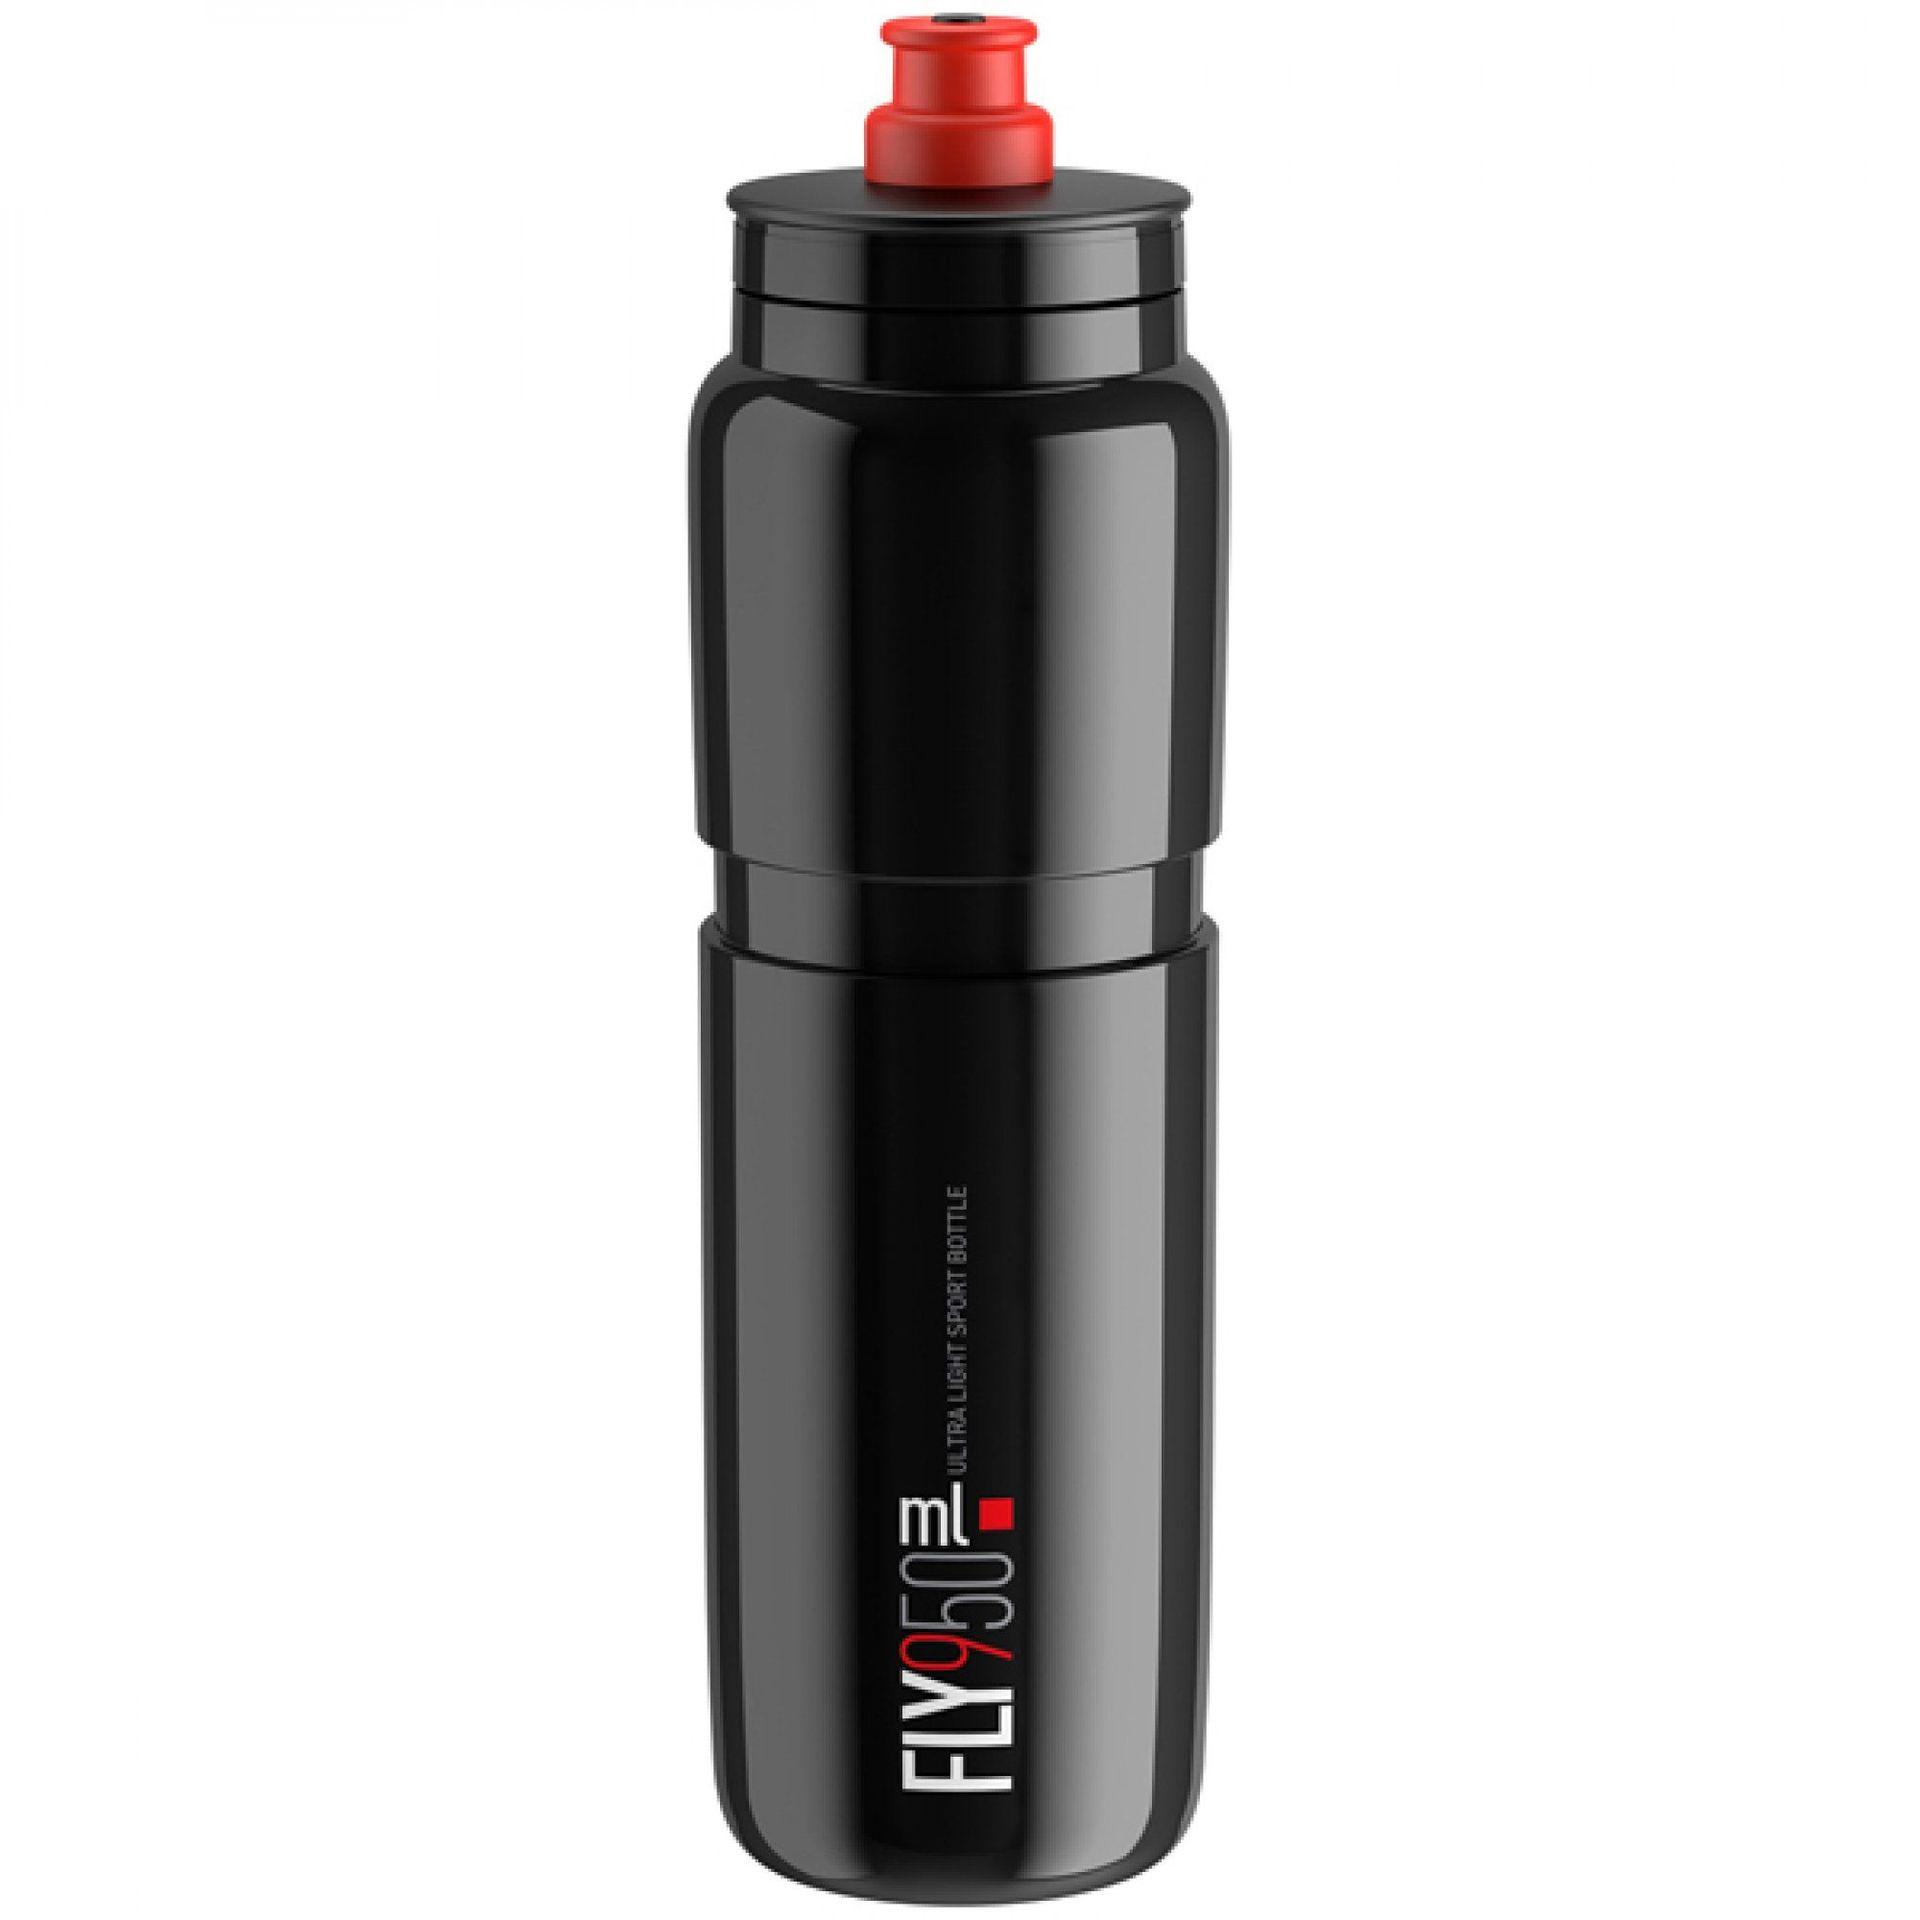 BIDON ROWEROWY ELITE FLY ELITE 950ML BLACK RED